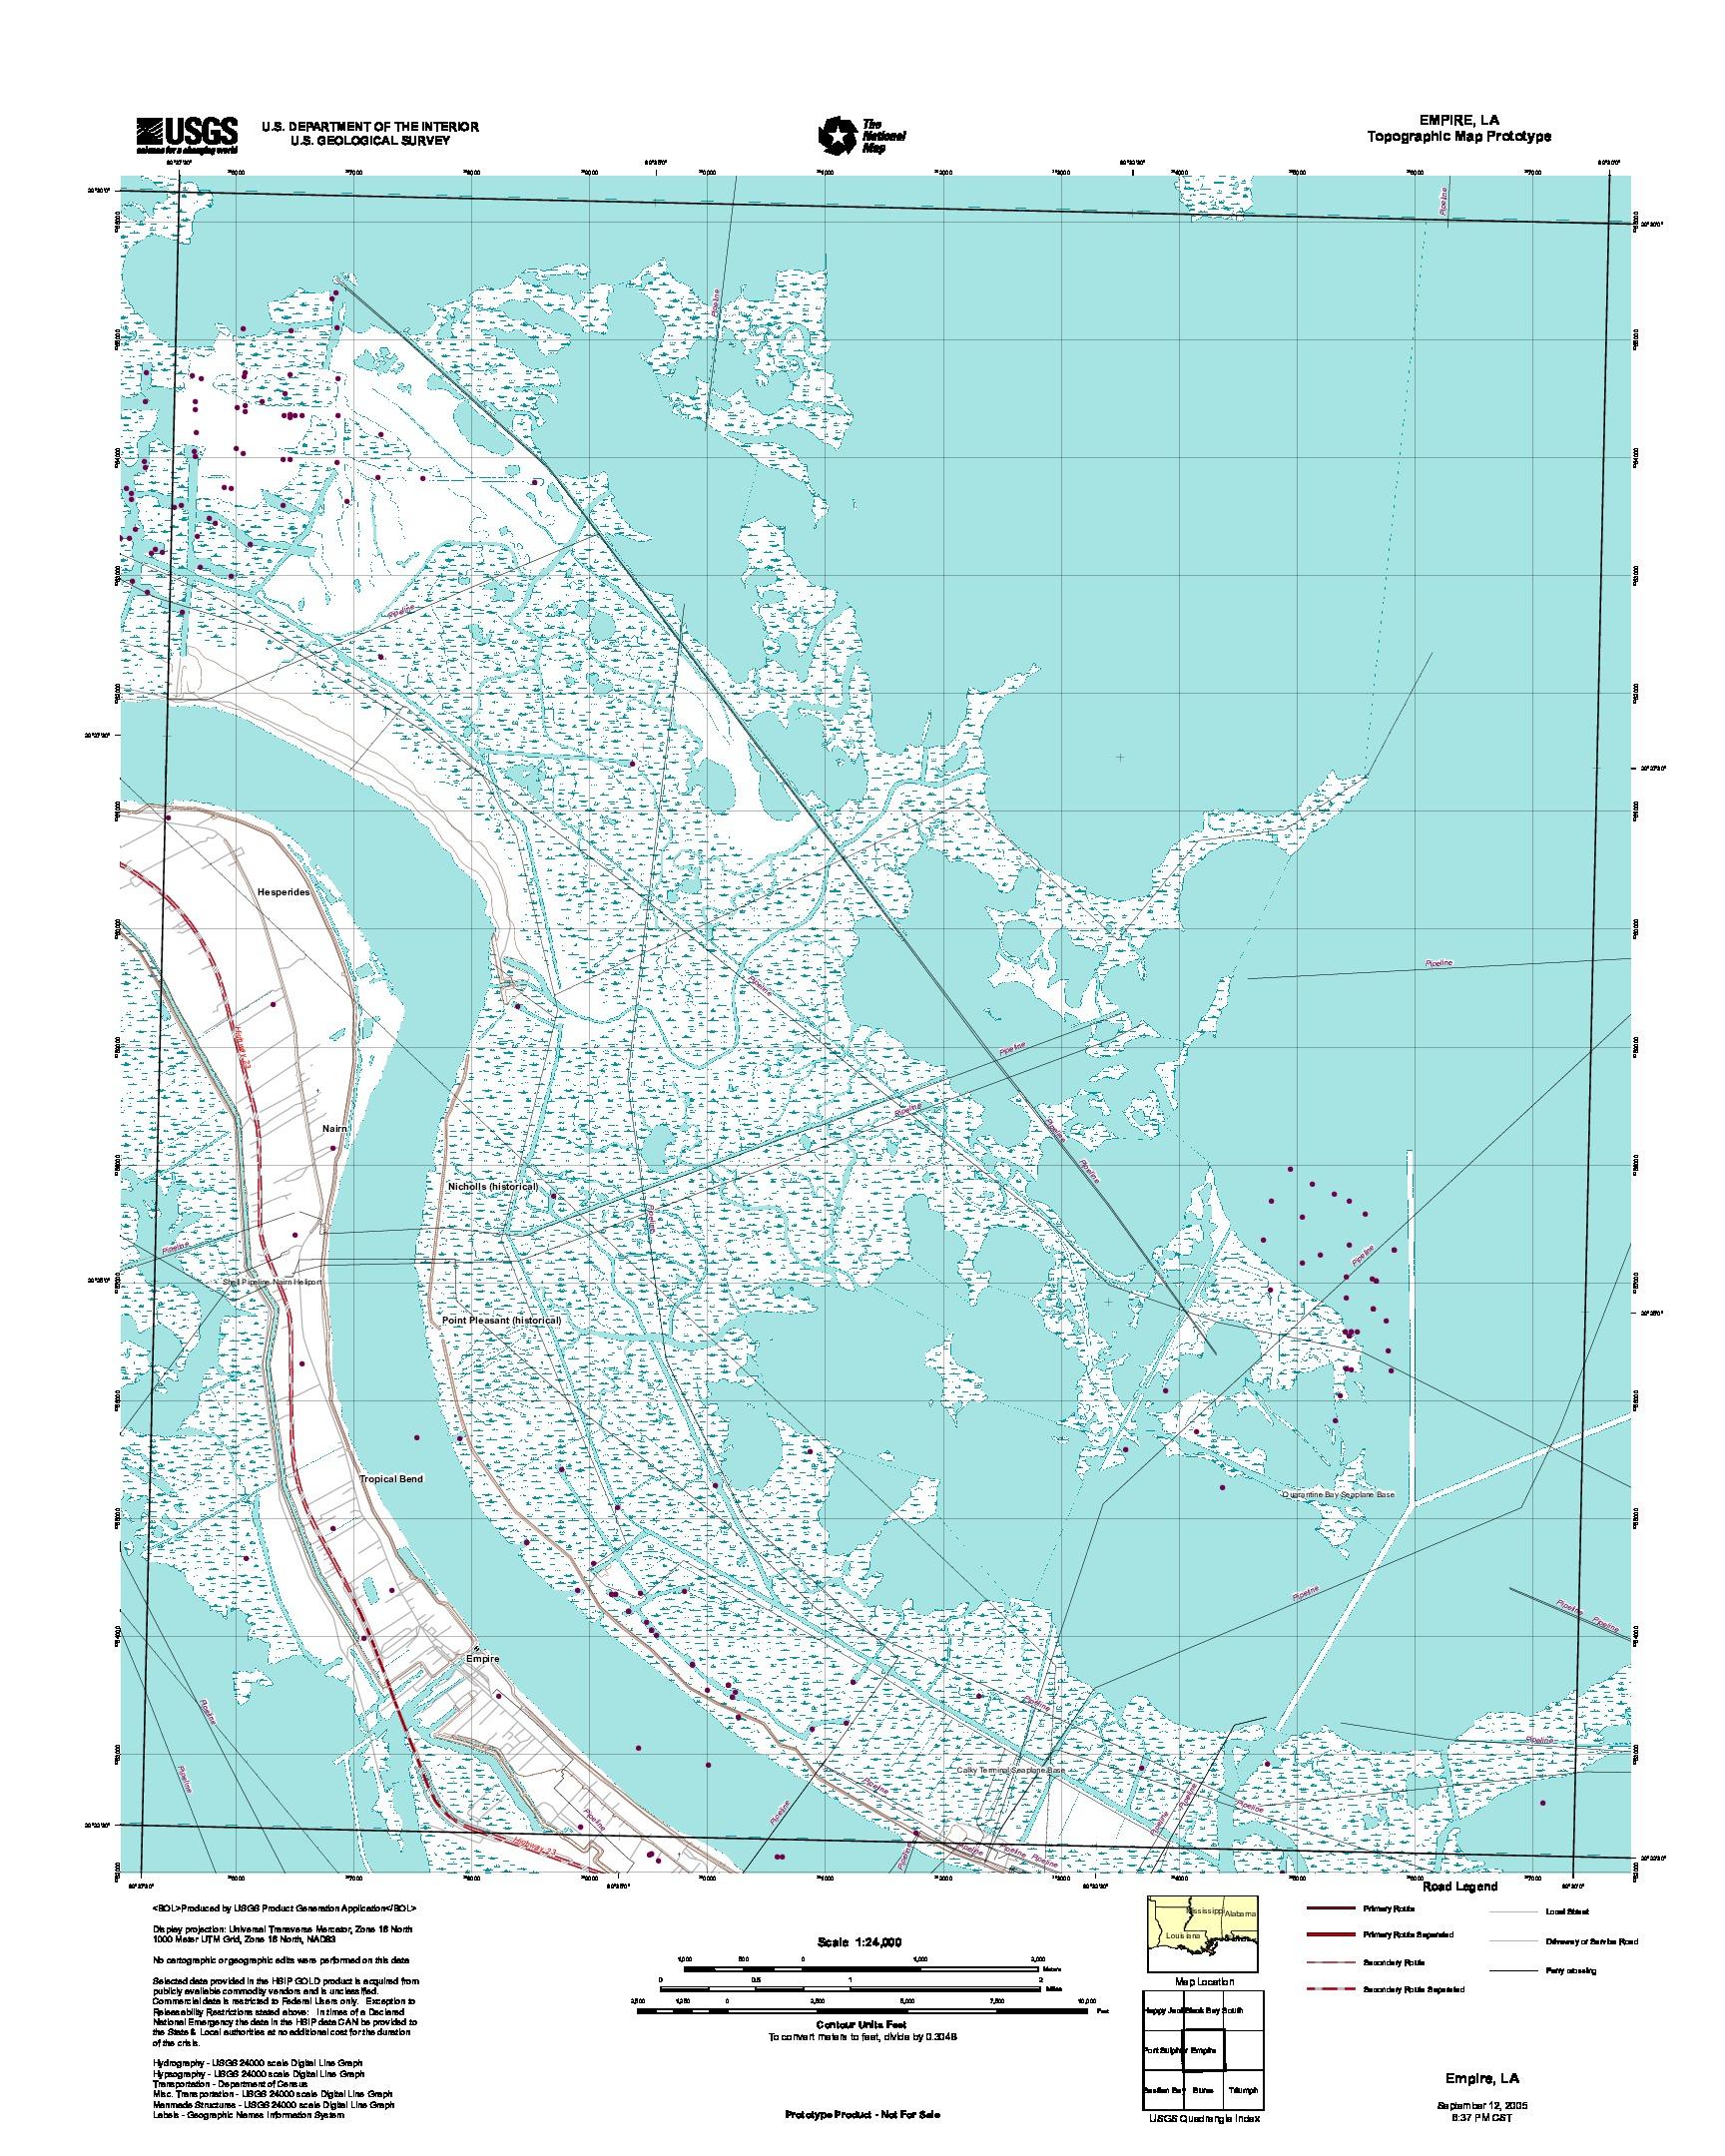 Prototipo de Mapa Topográfico de Empire, Luisiana, Estados Unidos, Septiembre 12, 2005